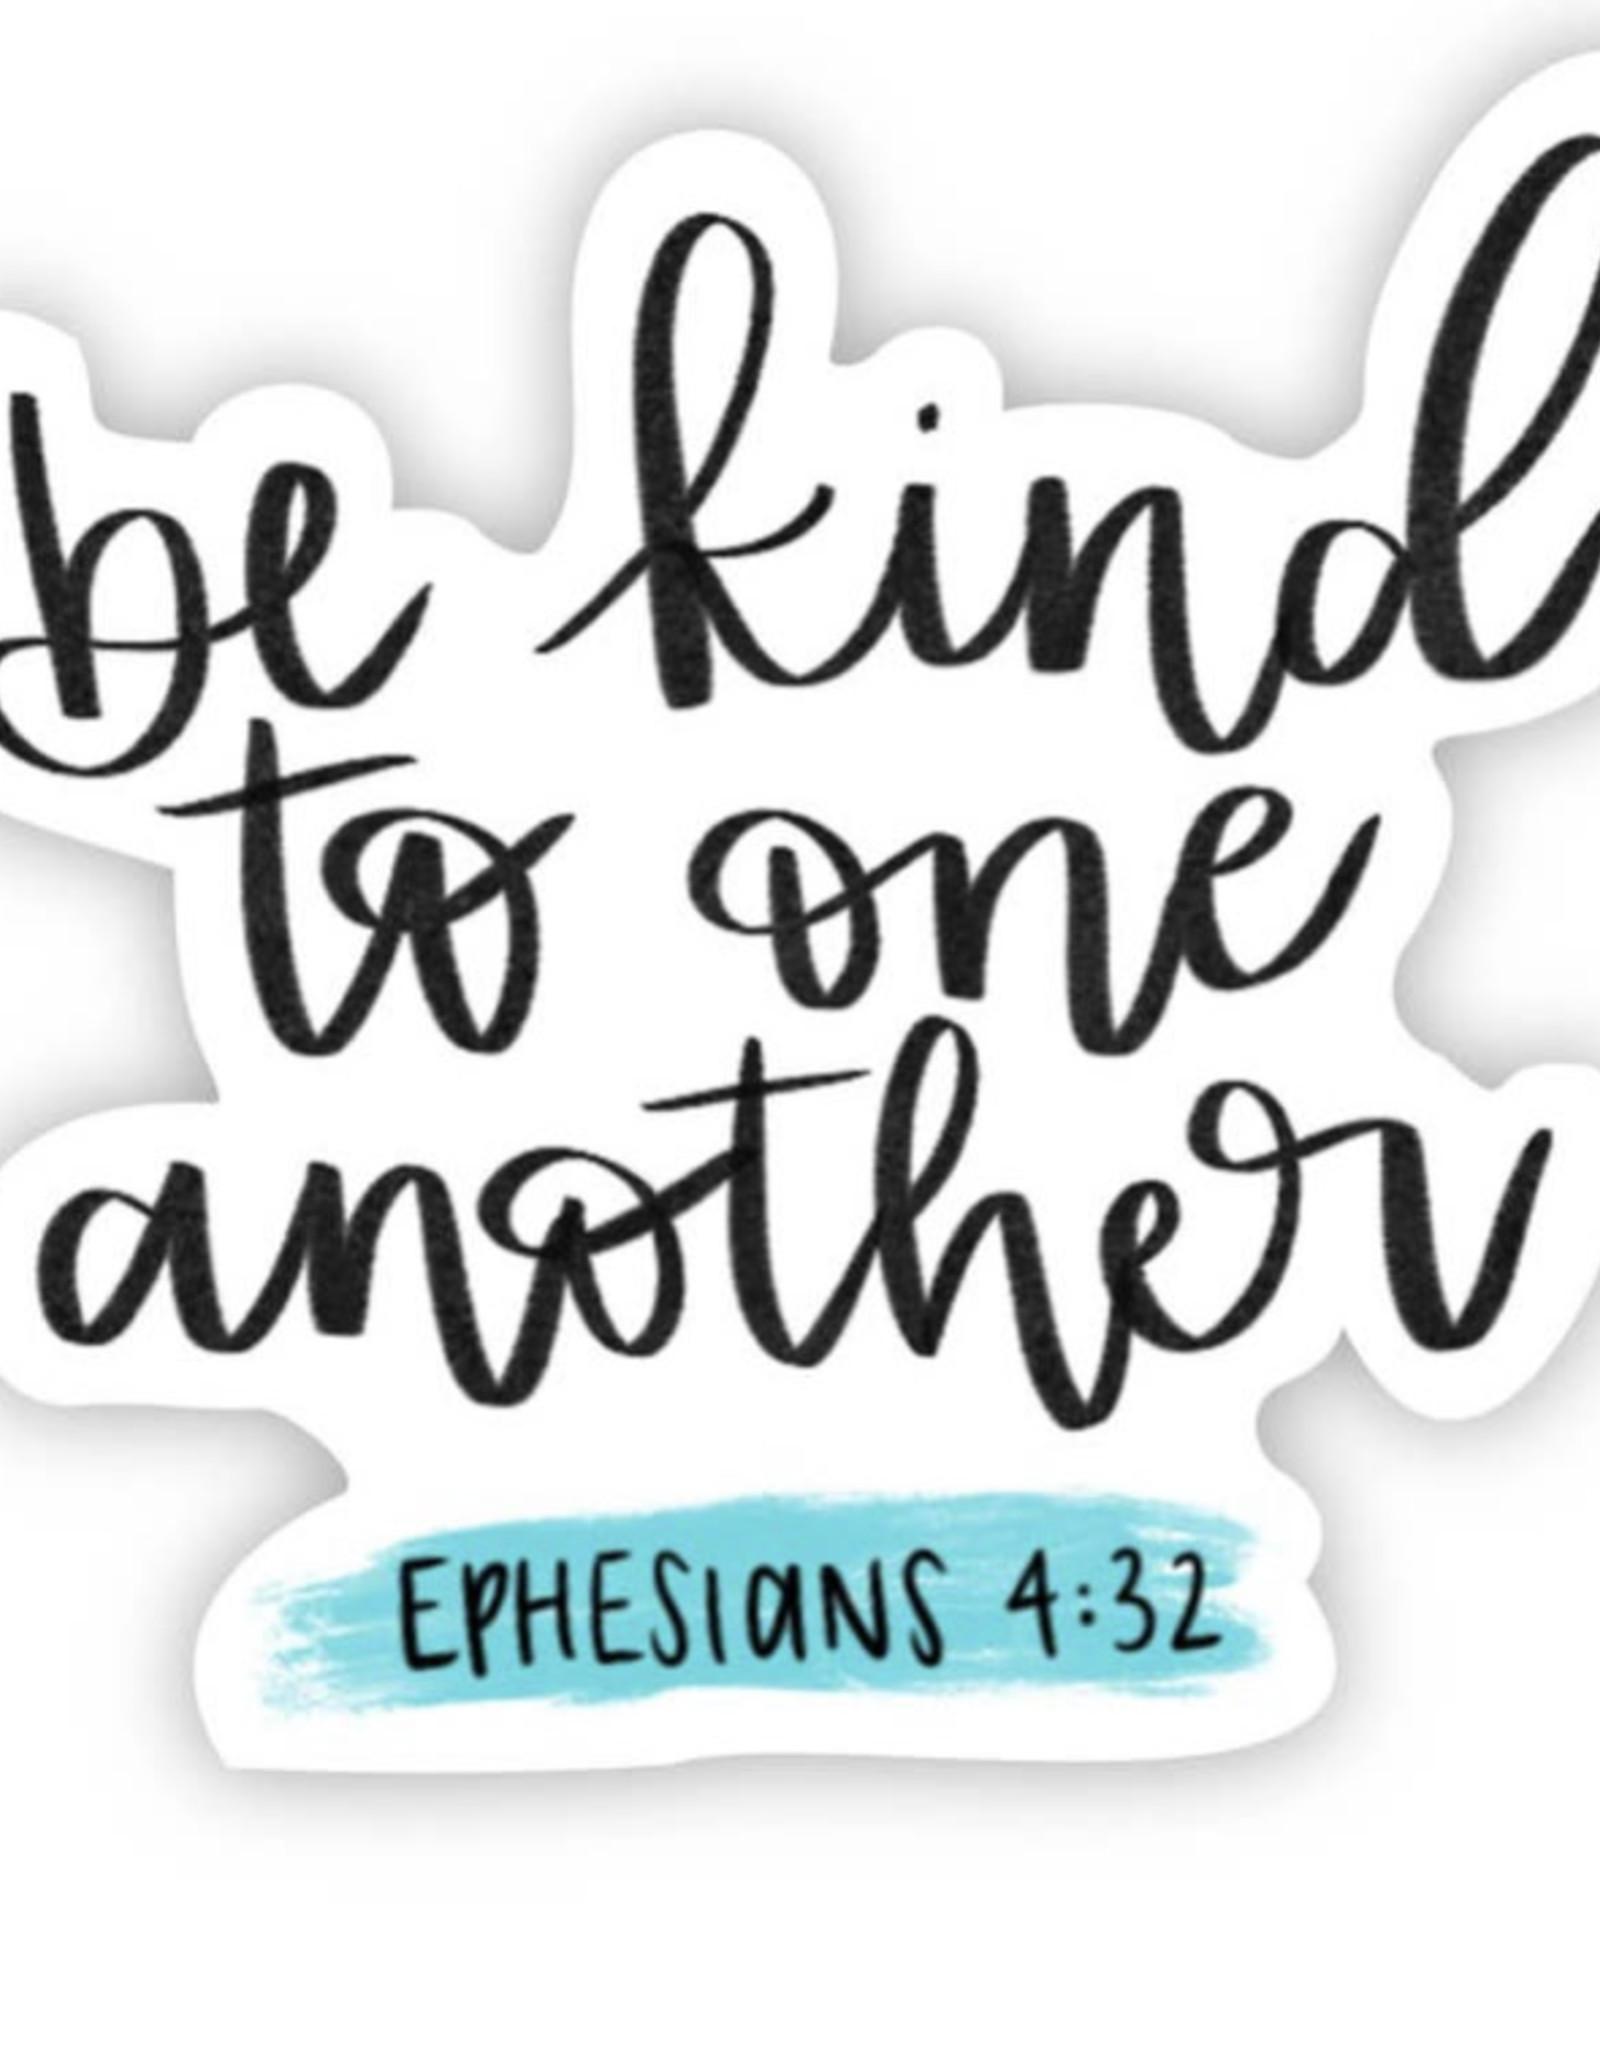 Big Moods Ephesians 4:32 sticker